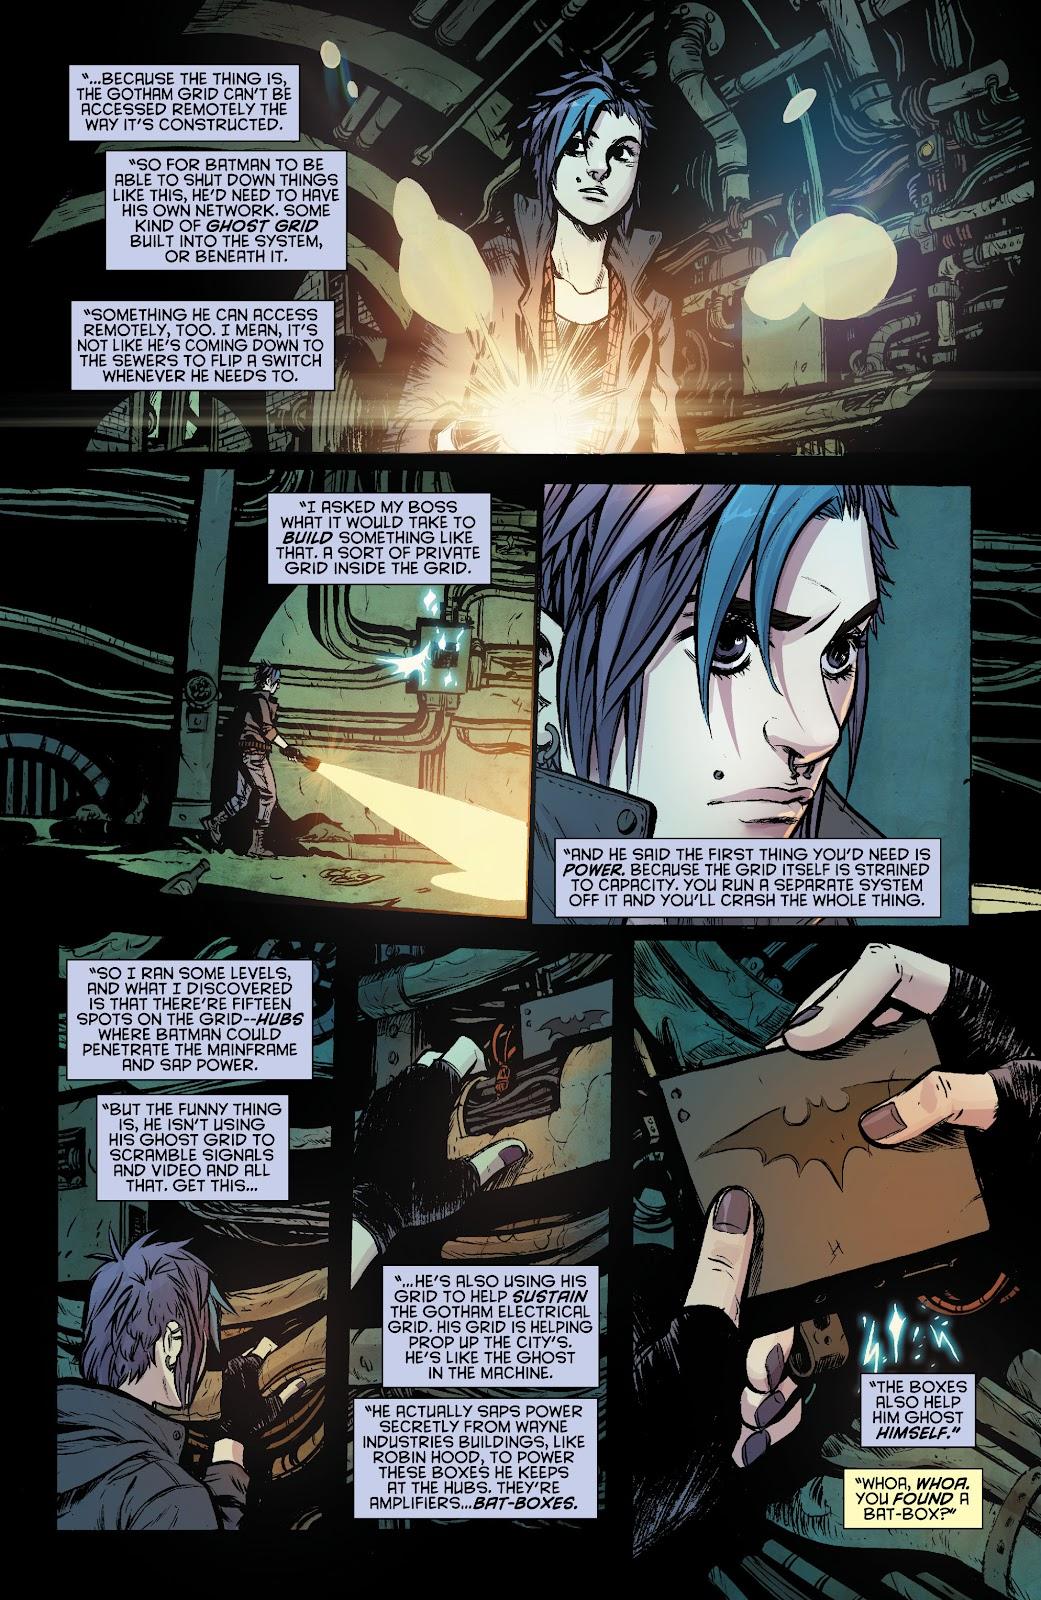 Batman (2011) Issue #12 #27 - English 19